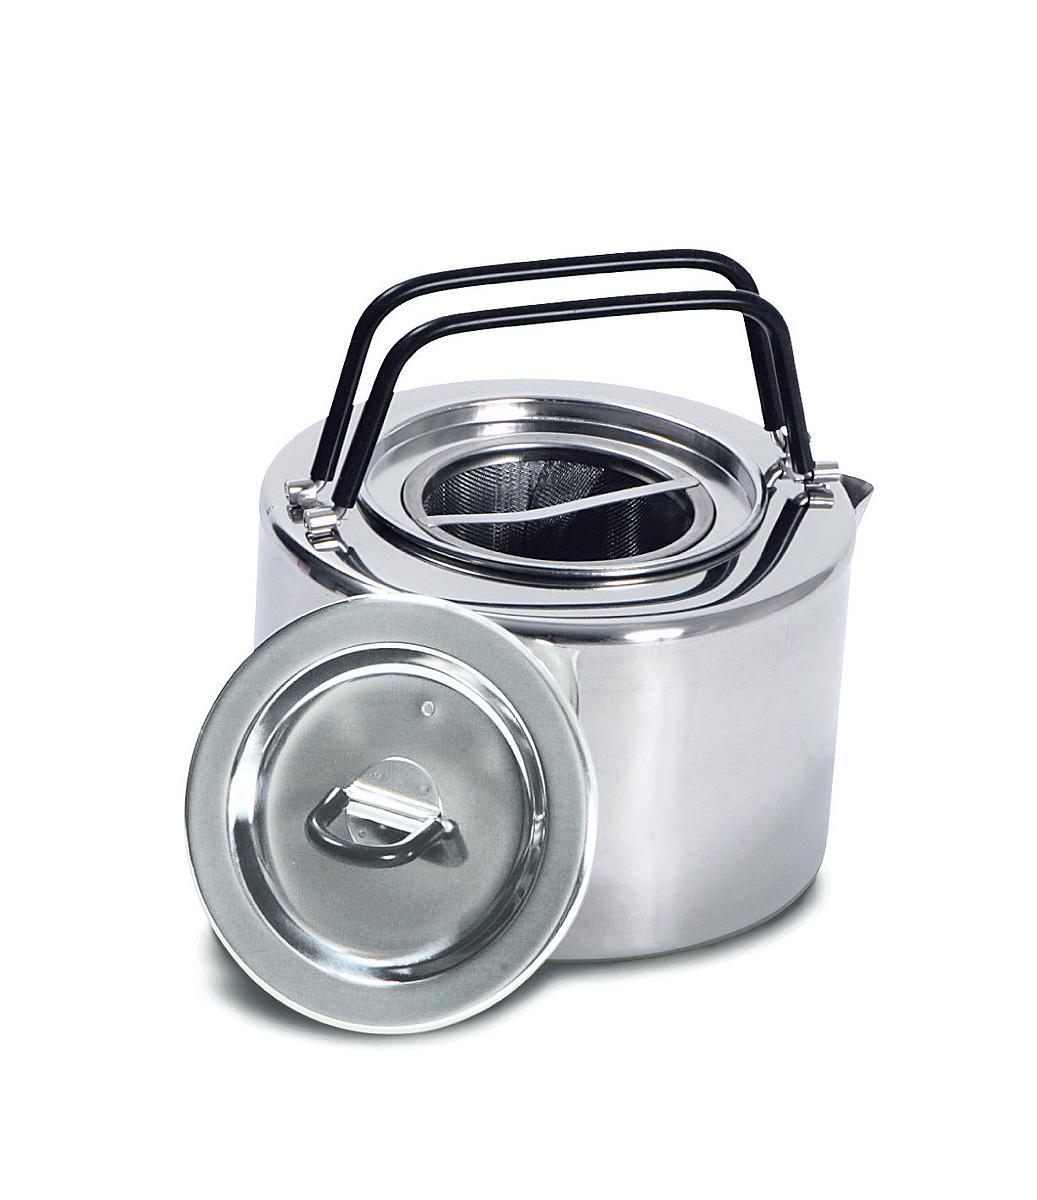 Чайник походный Tatonka Teapot, 1,5 л4016.000Чайник Tatonka Teapot из нержавеющей стали с термоизолированными ручками и компактным дизайном. Замечательно подходит для использования дома и на выезде. В комплекте ситечко из нержавеющей стали.Преимущества и особенности:Высококачественная нержавеющая сталь.Складные термоизолированные ручки.Крышка со складной термоизолированной ручкой.Компактный дизайн.Ситечко из нержавеющей стали.Диаметр чайника: 14,5 см.Высота чайника: 9 см.